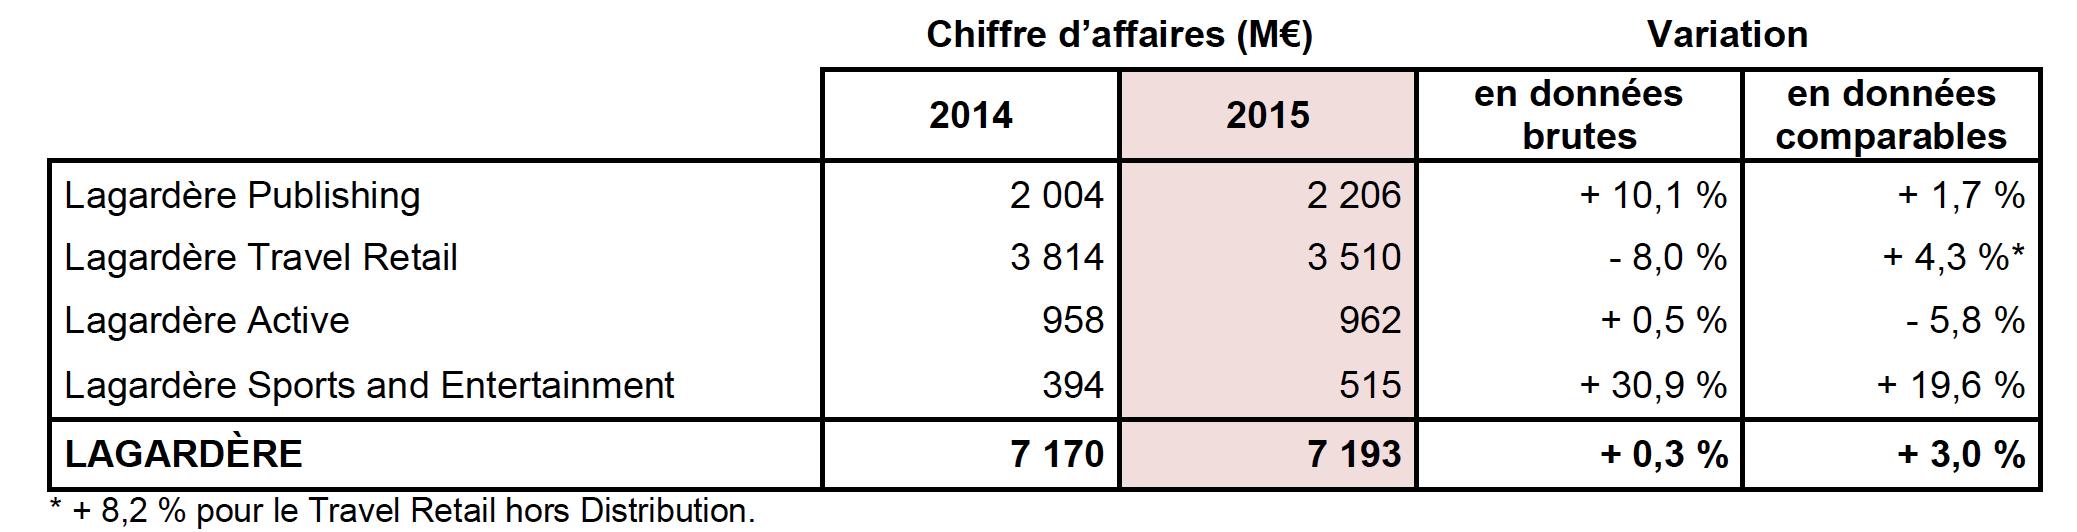 Chiffre d'affaires annuel en hausse pour Lagardère